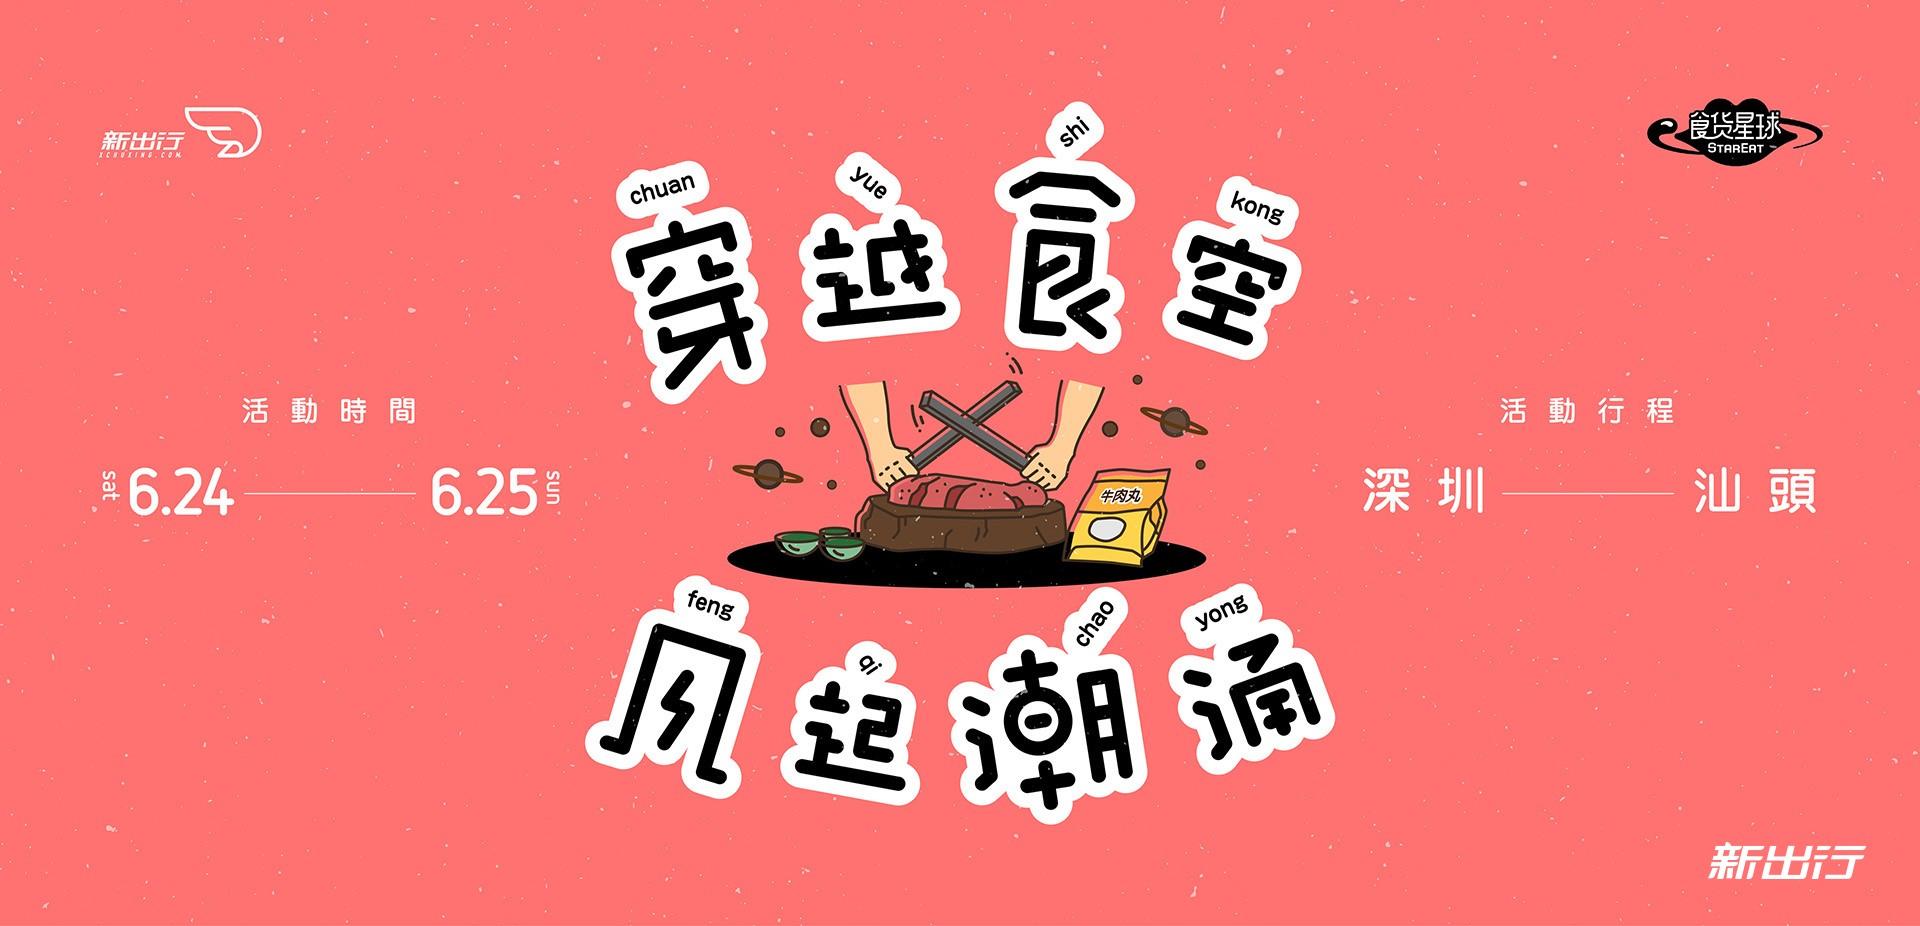 寻味出行潮汕站-海报.jpg